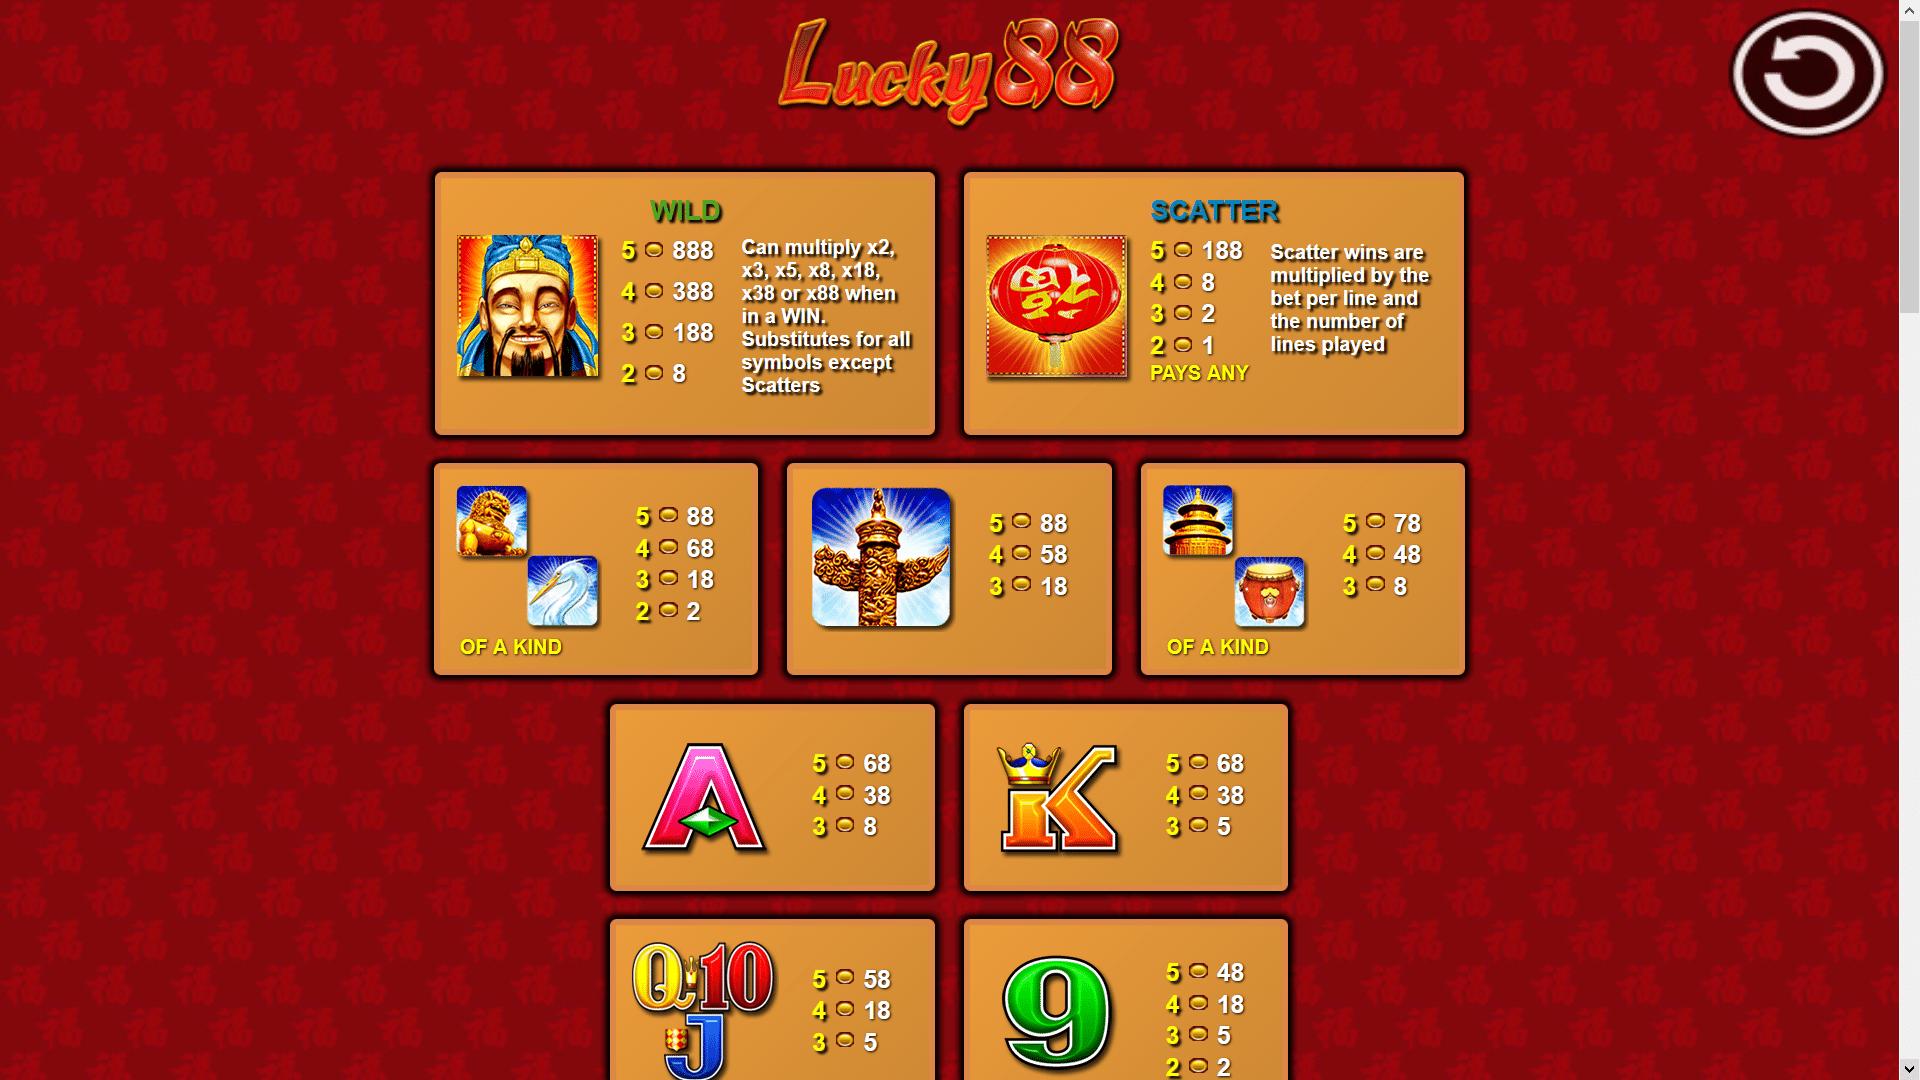 Tabella dei Pagamenti della Slot Gratis Lucky 88